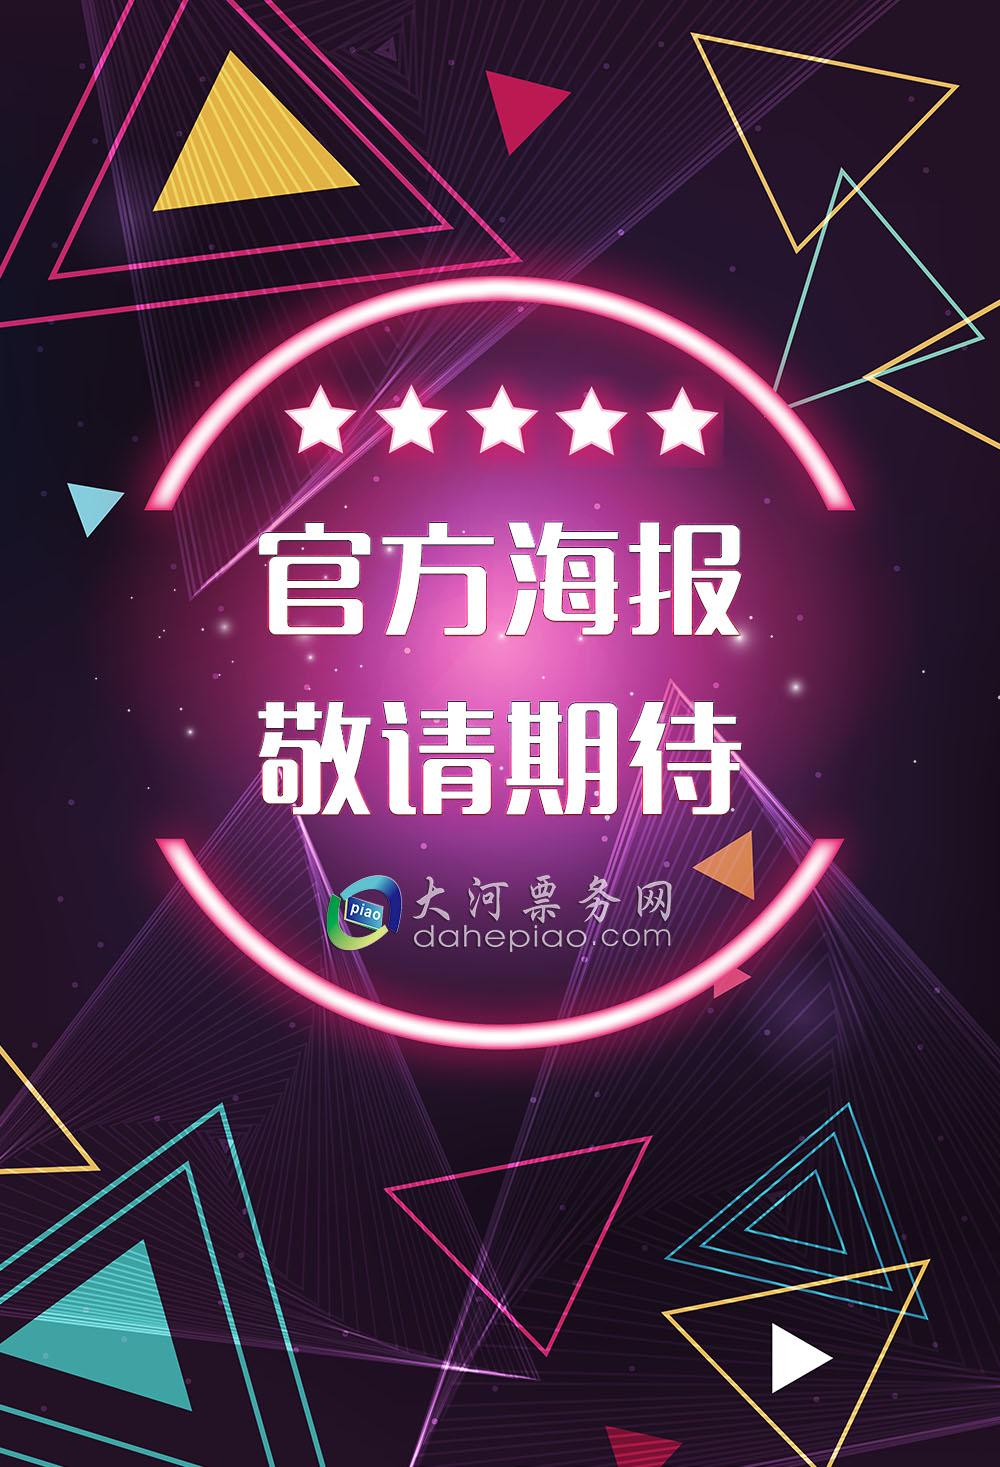 蔡徐坤南京演唱会